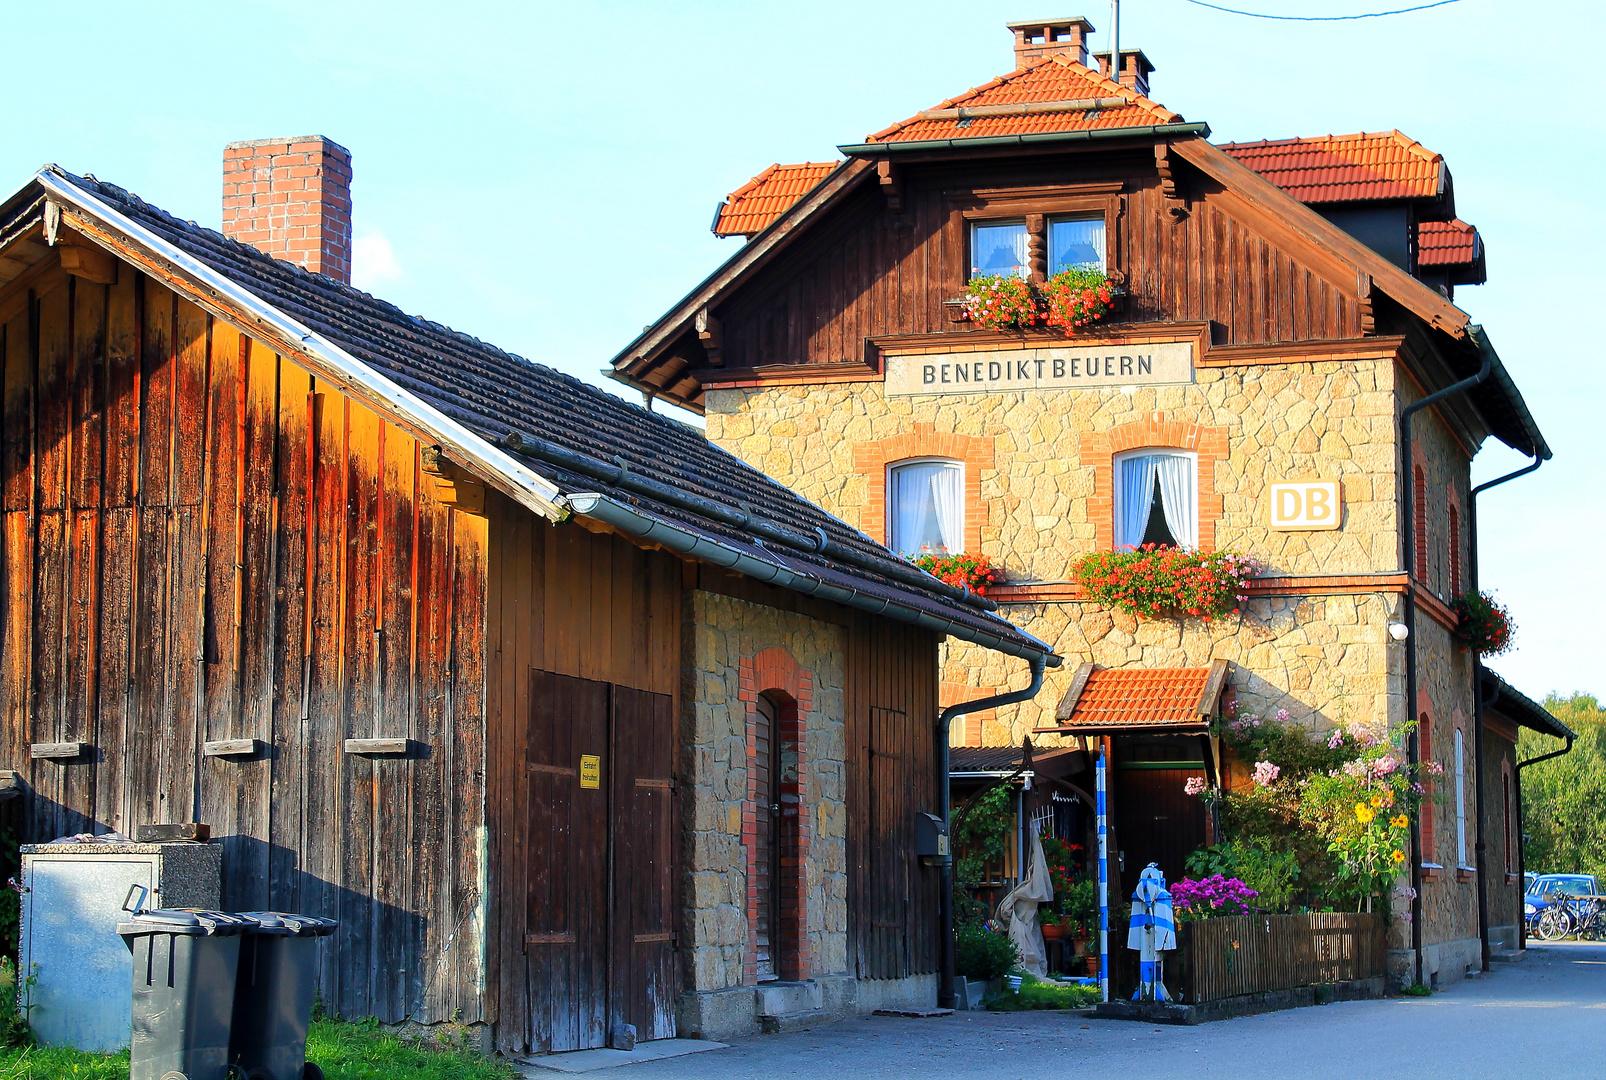 Bahnhof von Benediktbeuern